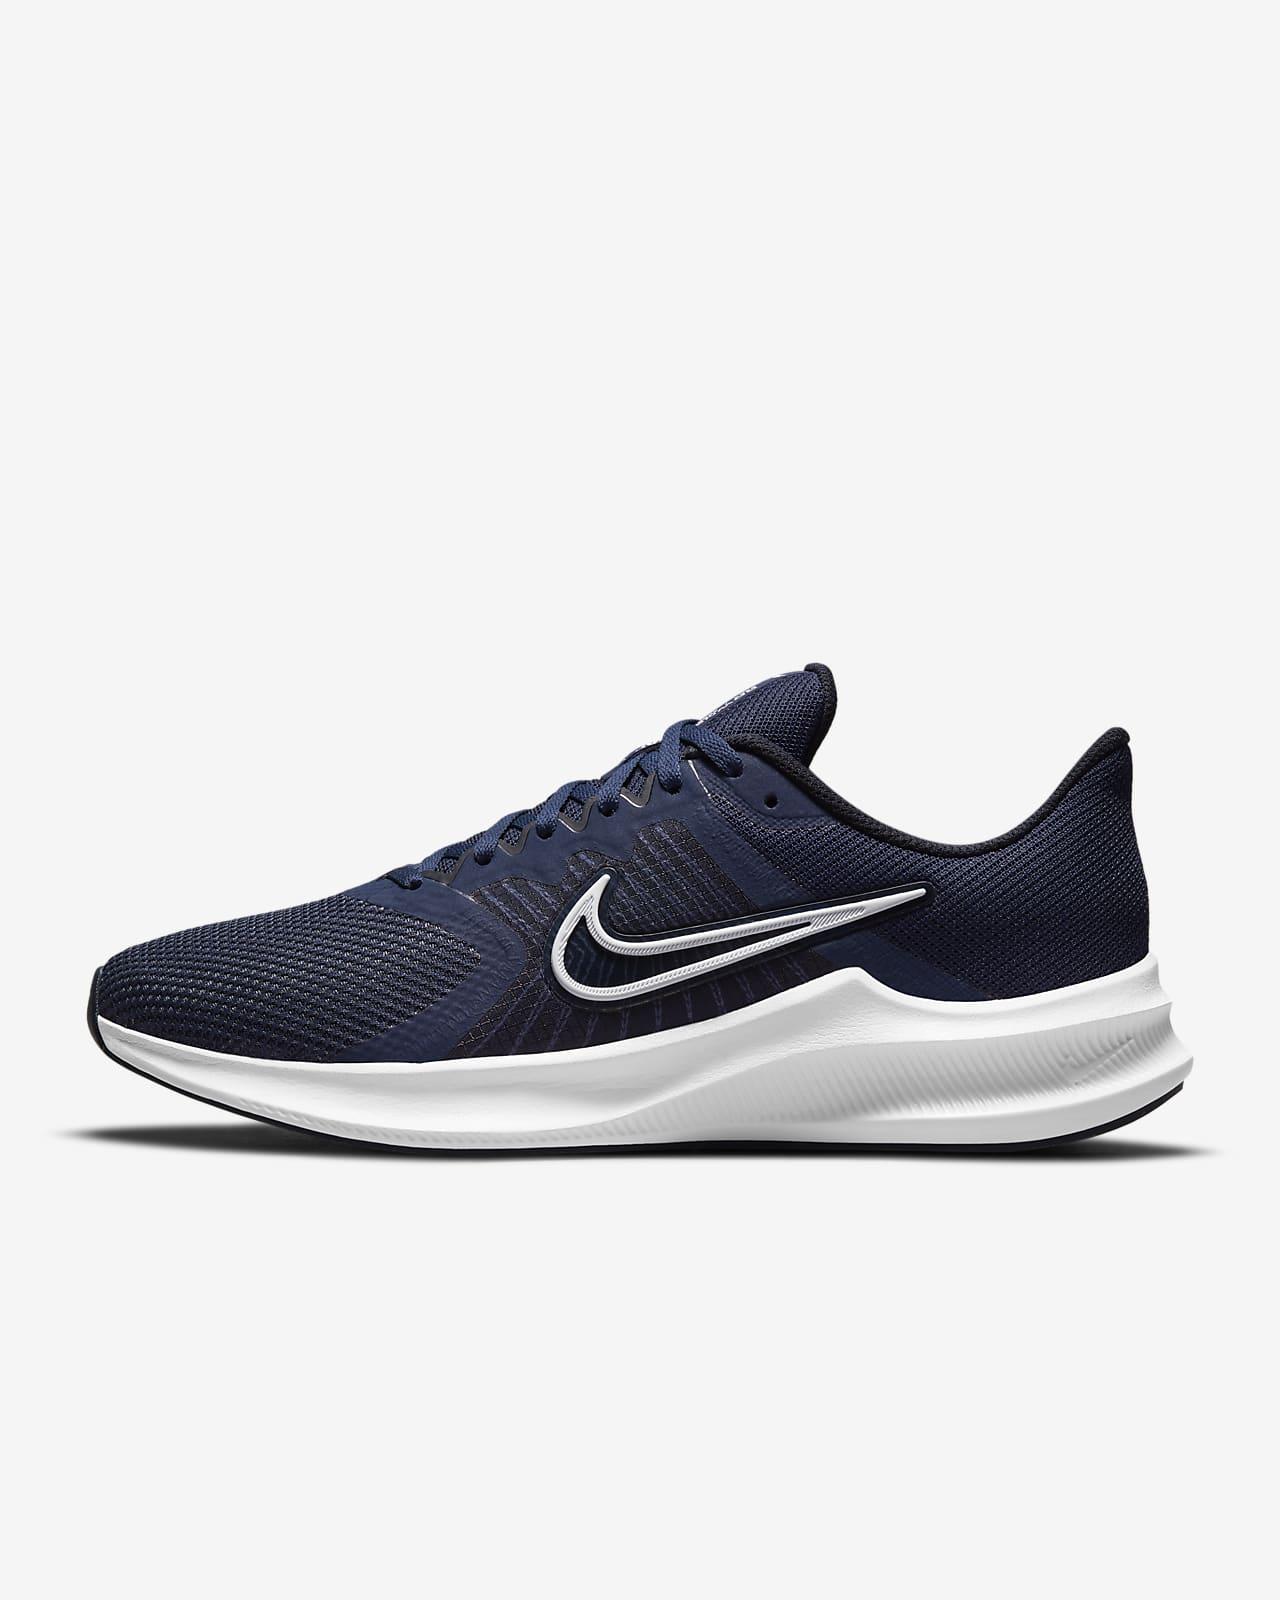 Calzado de running para hombre Nike Downshifter 11